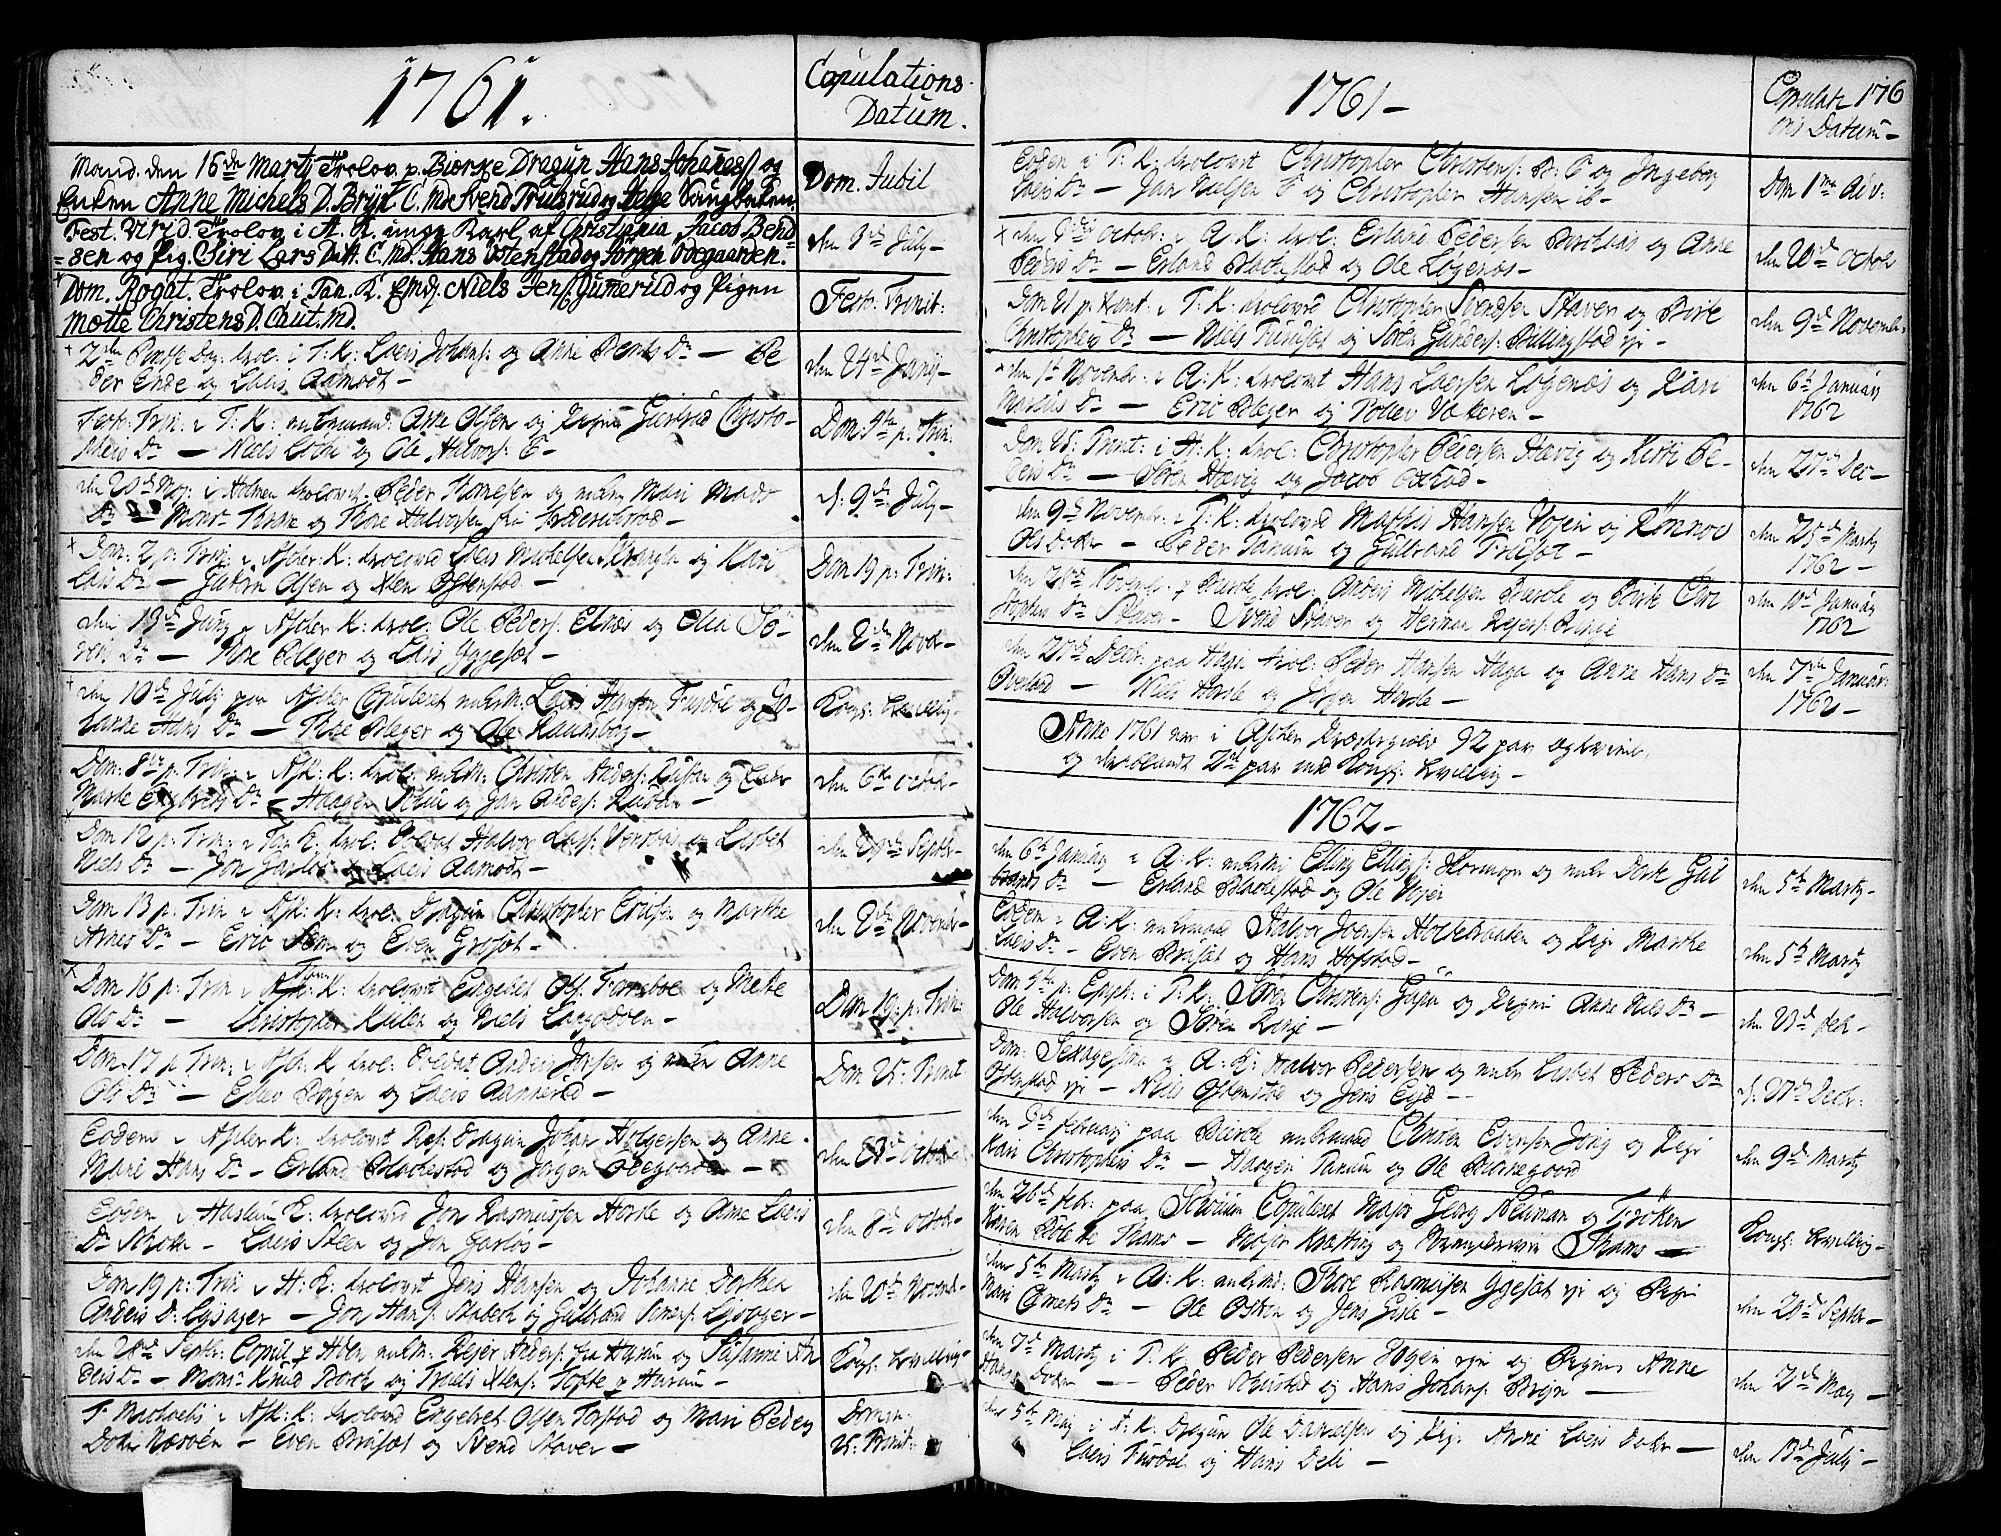 SAO, Asker prestekontor Kirkebøker, F/Fa/L0002: Ministerialbok nr. I 2, 1733-1766, s. 176